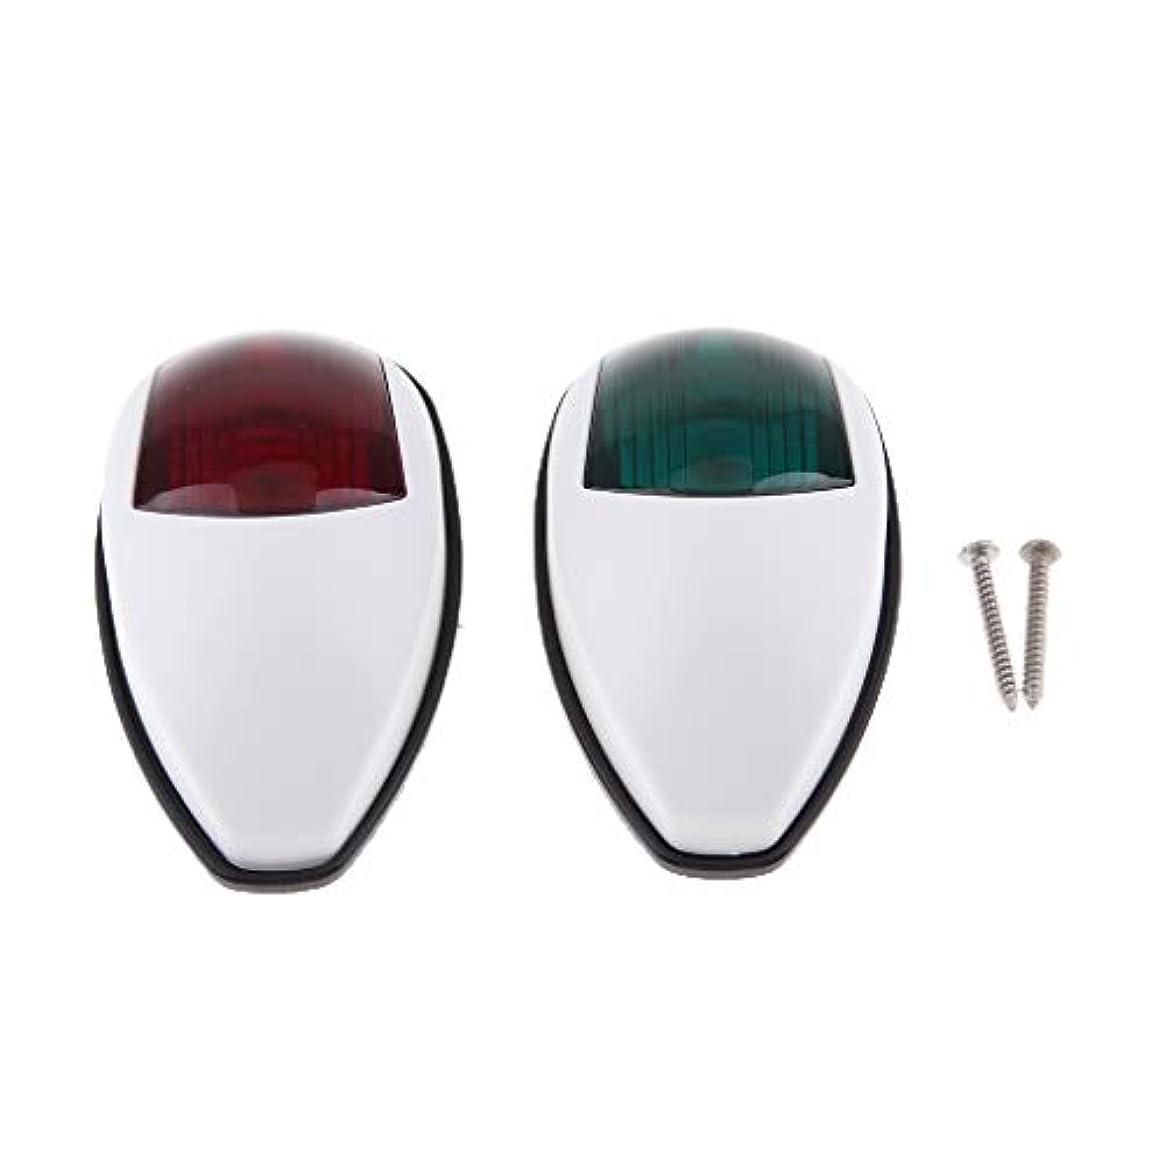 耐えられない挽く確認P Prettyia LEDナビゲーションライト 作業灯 耐腐食性 耐衝撃性 耐水性 長寿命 マリン用品 1ペア入り